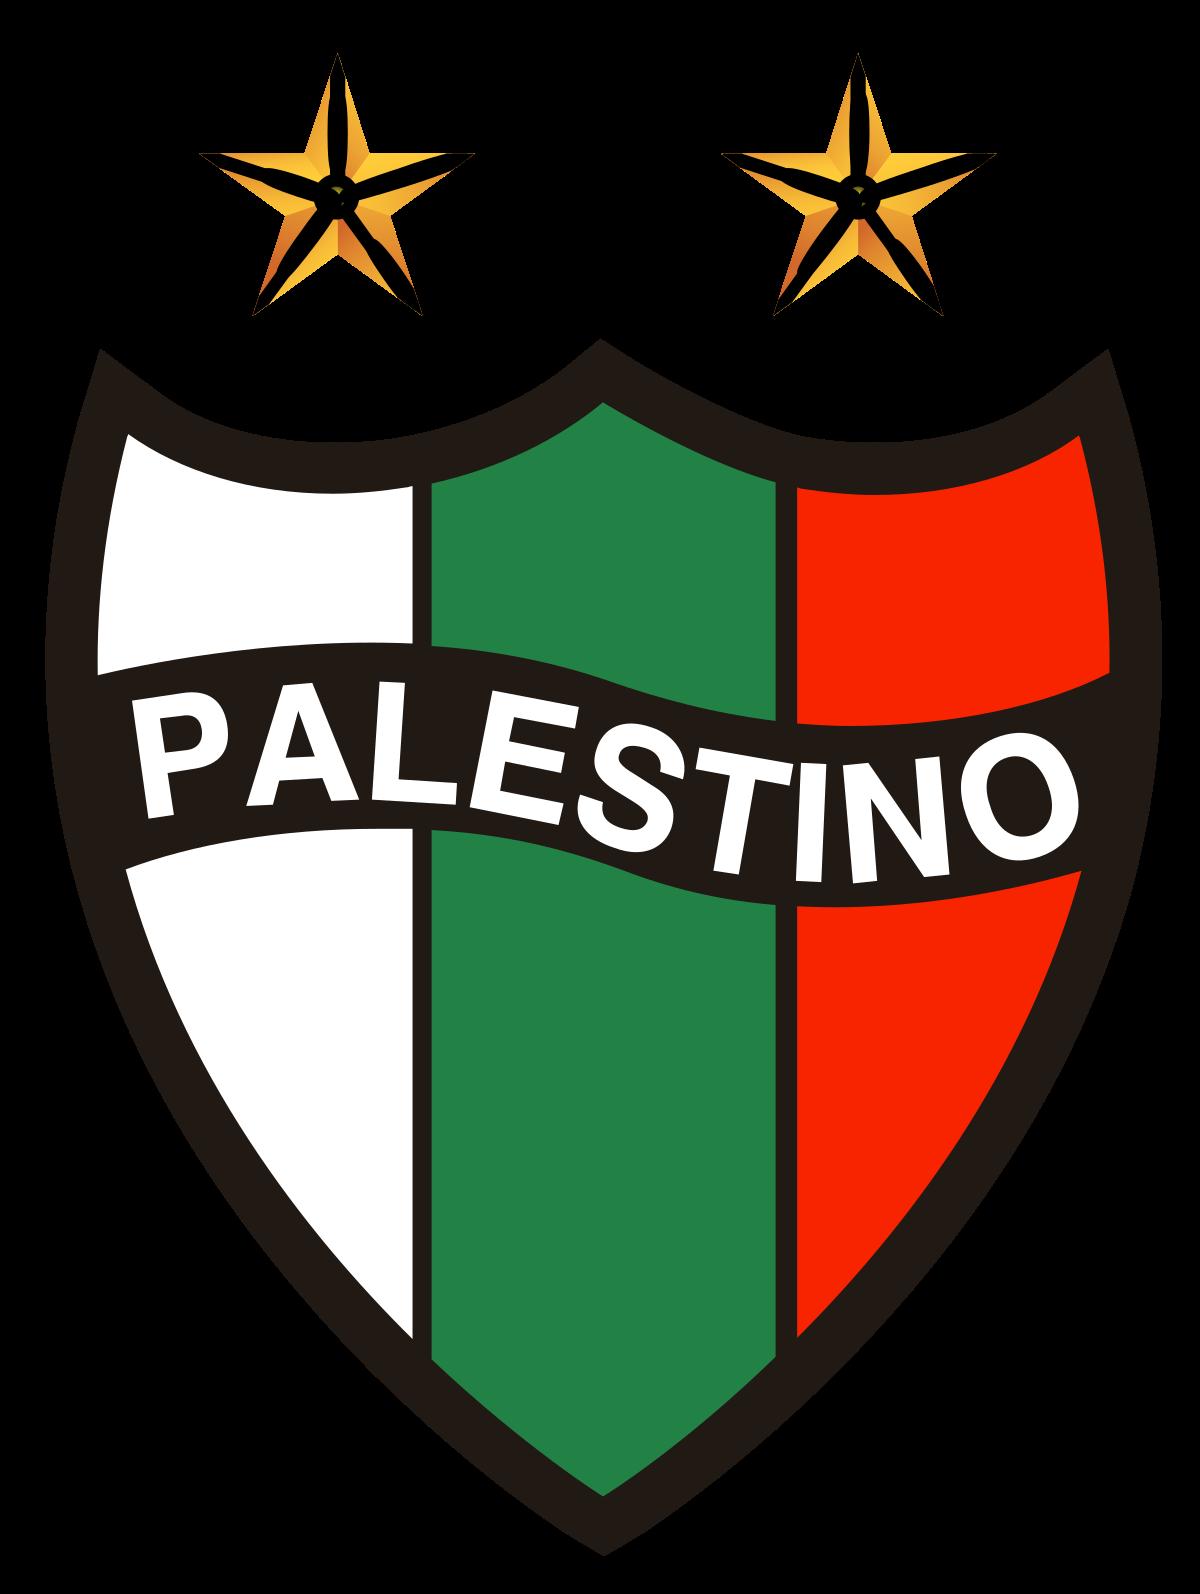 帕莱斯蒂诺